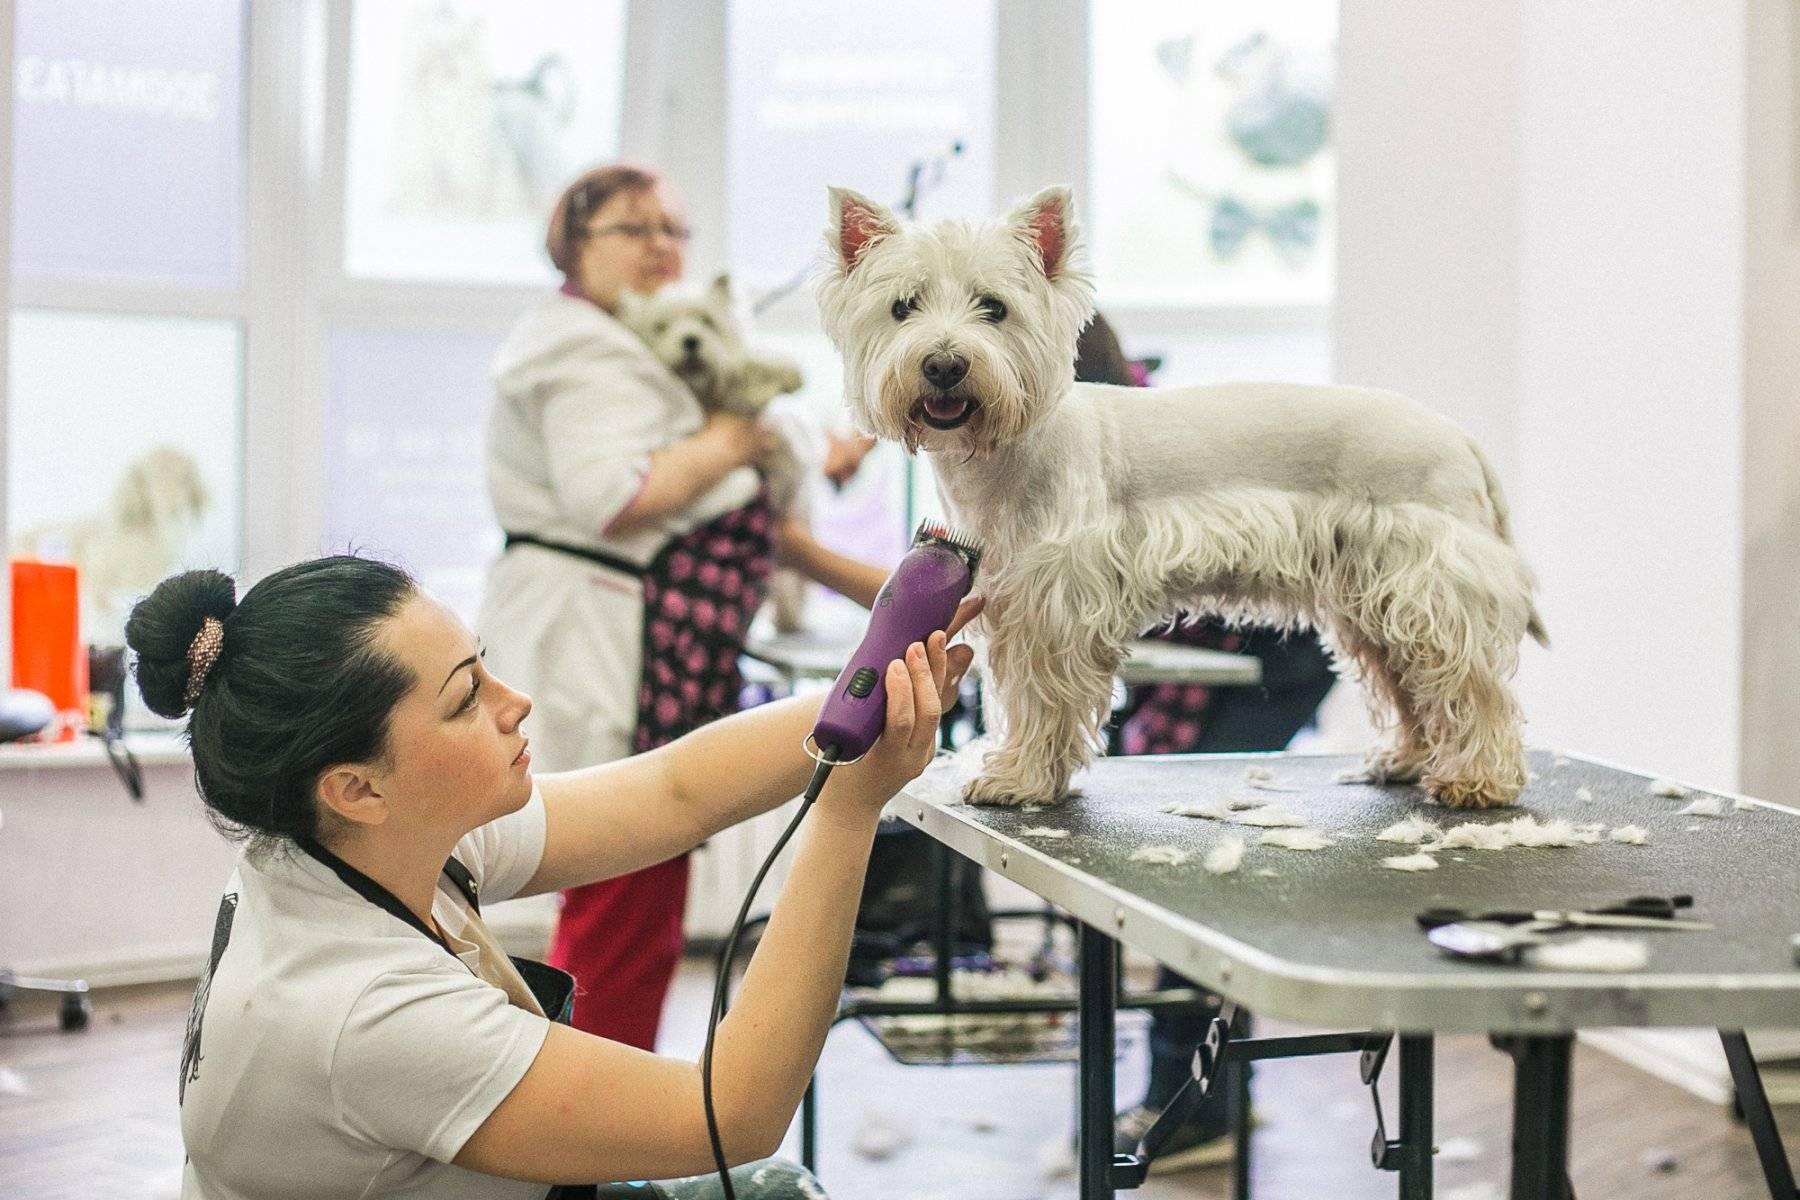 Десять причин, по которым собачья стрижка дороже человеческой – откровения профессионального грумера